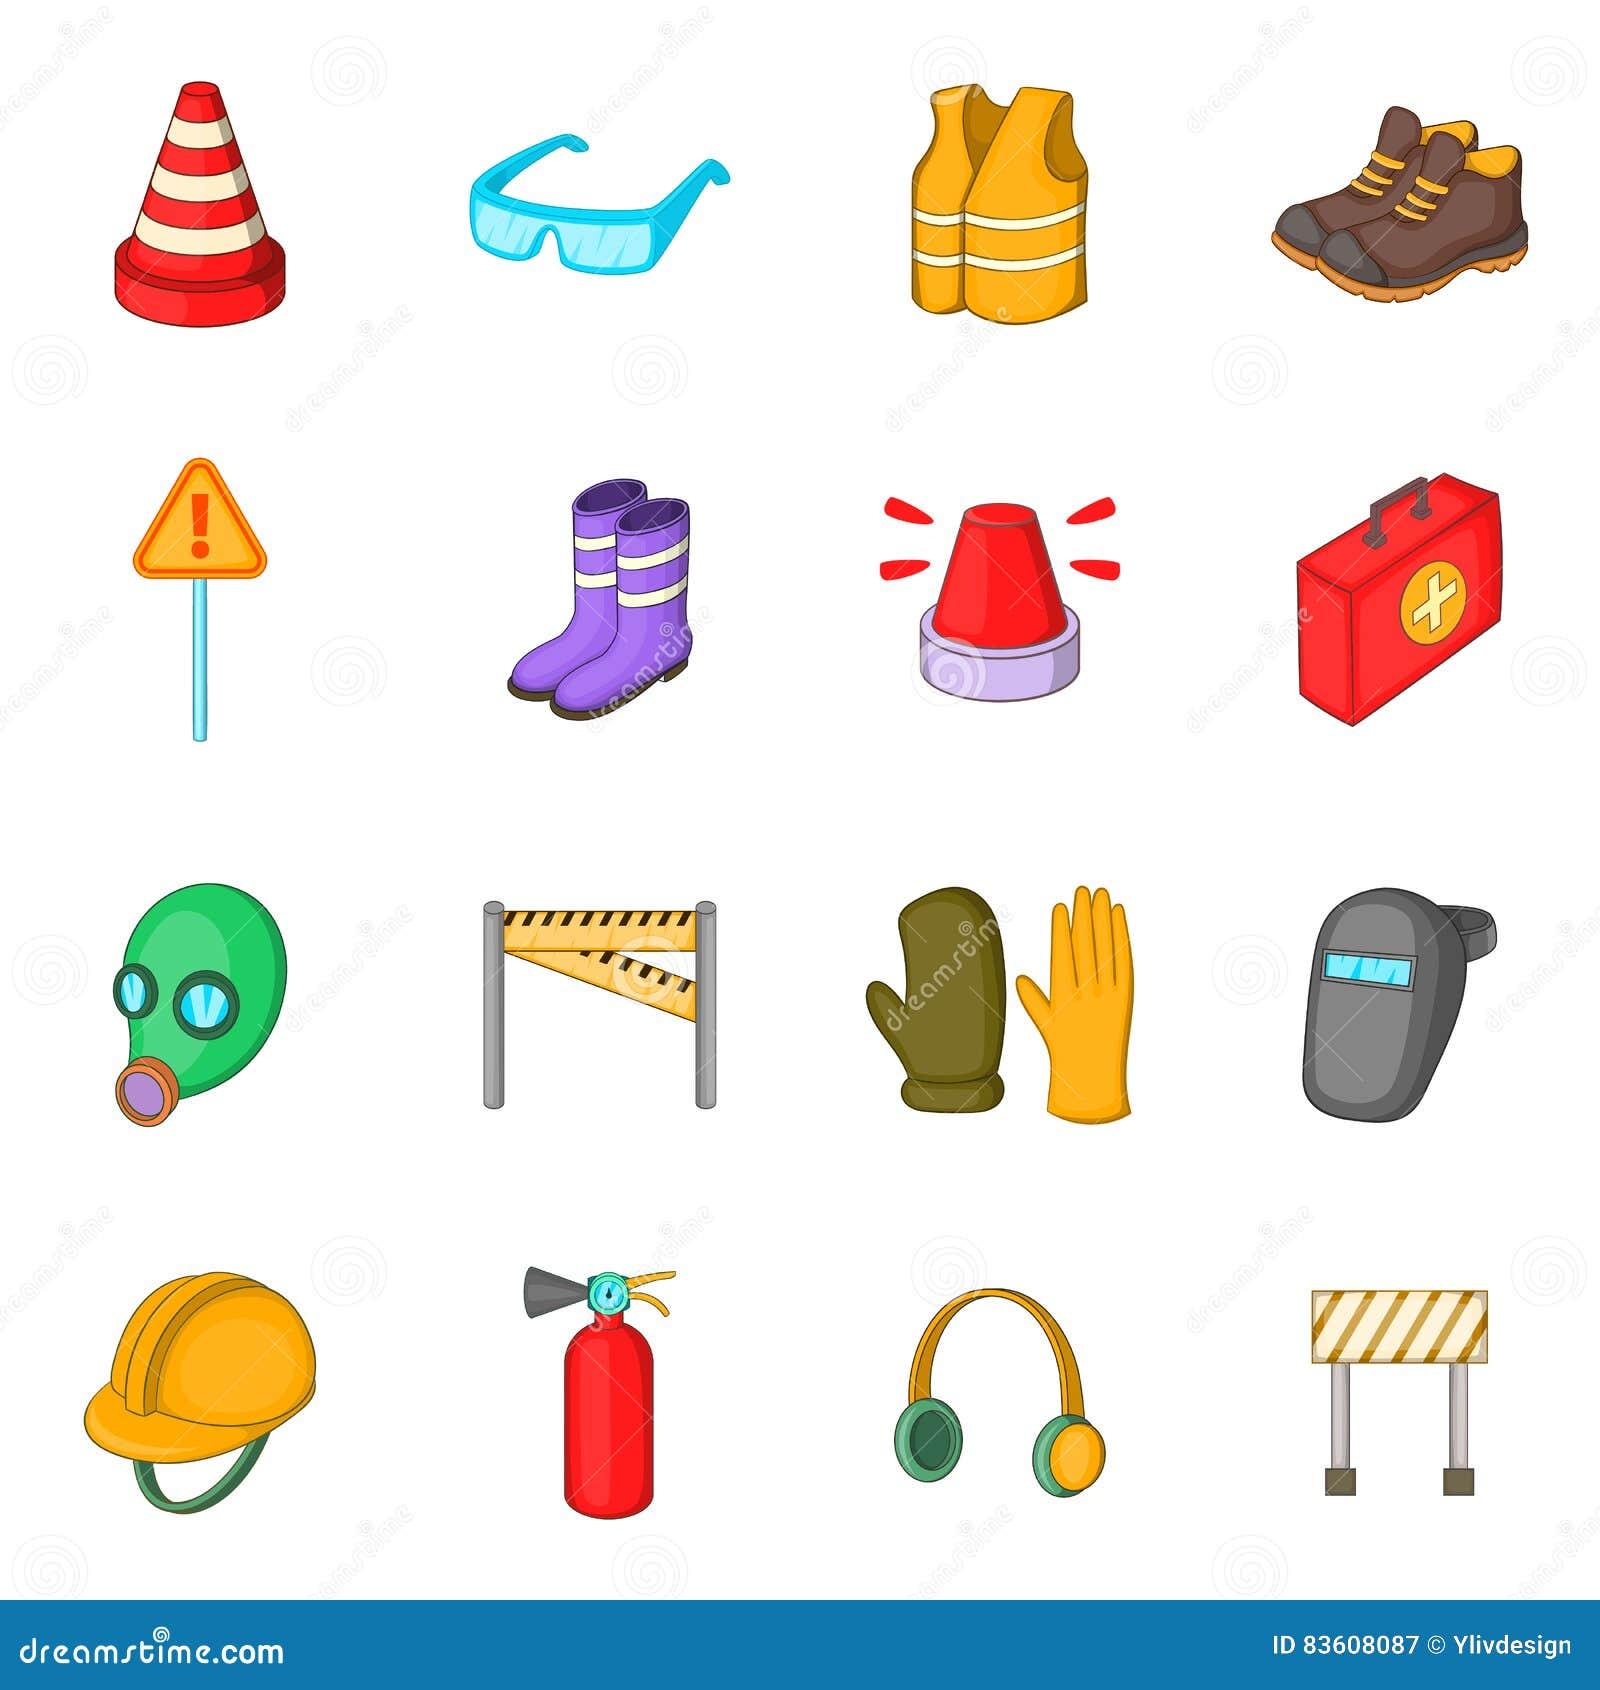 Icones Ajustados Estilo Do Trabalho Da Seguranca Dos Desenhos Animados Ilustracao Do Vetor Ilustracao De Desenhos Animados 83608087